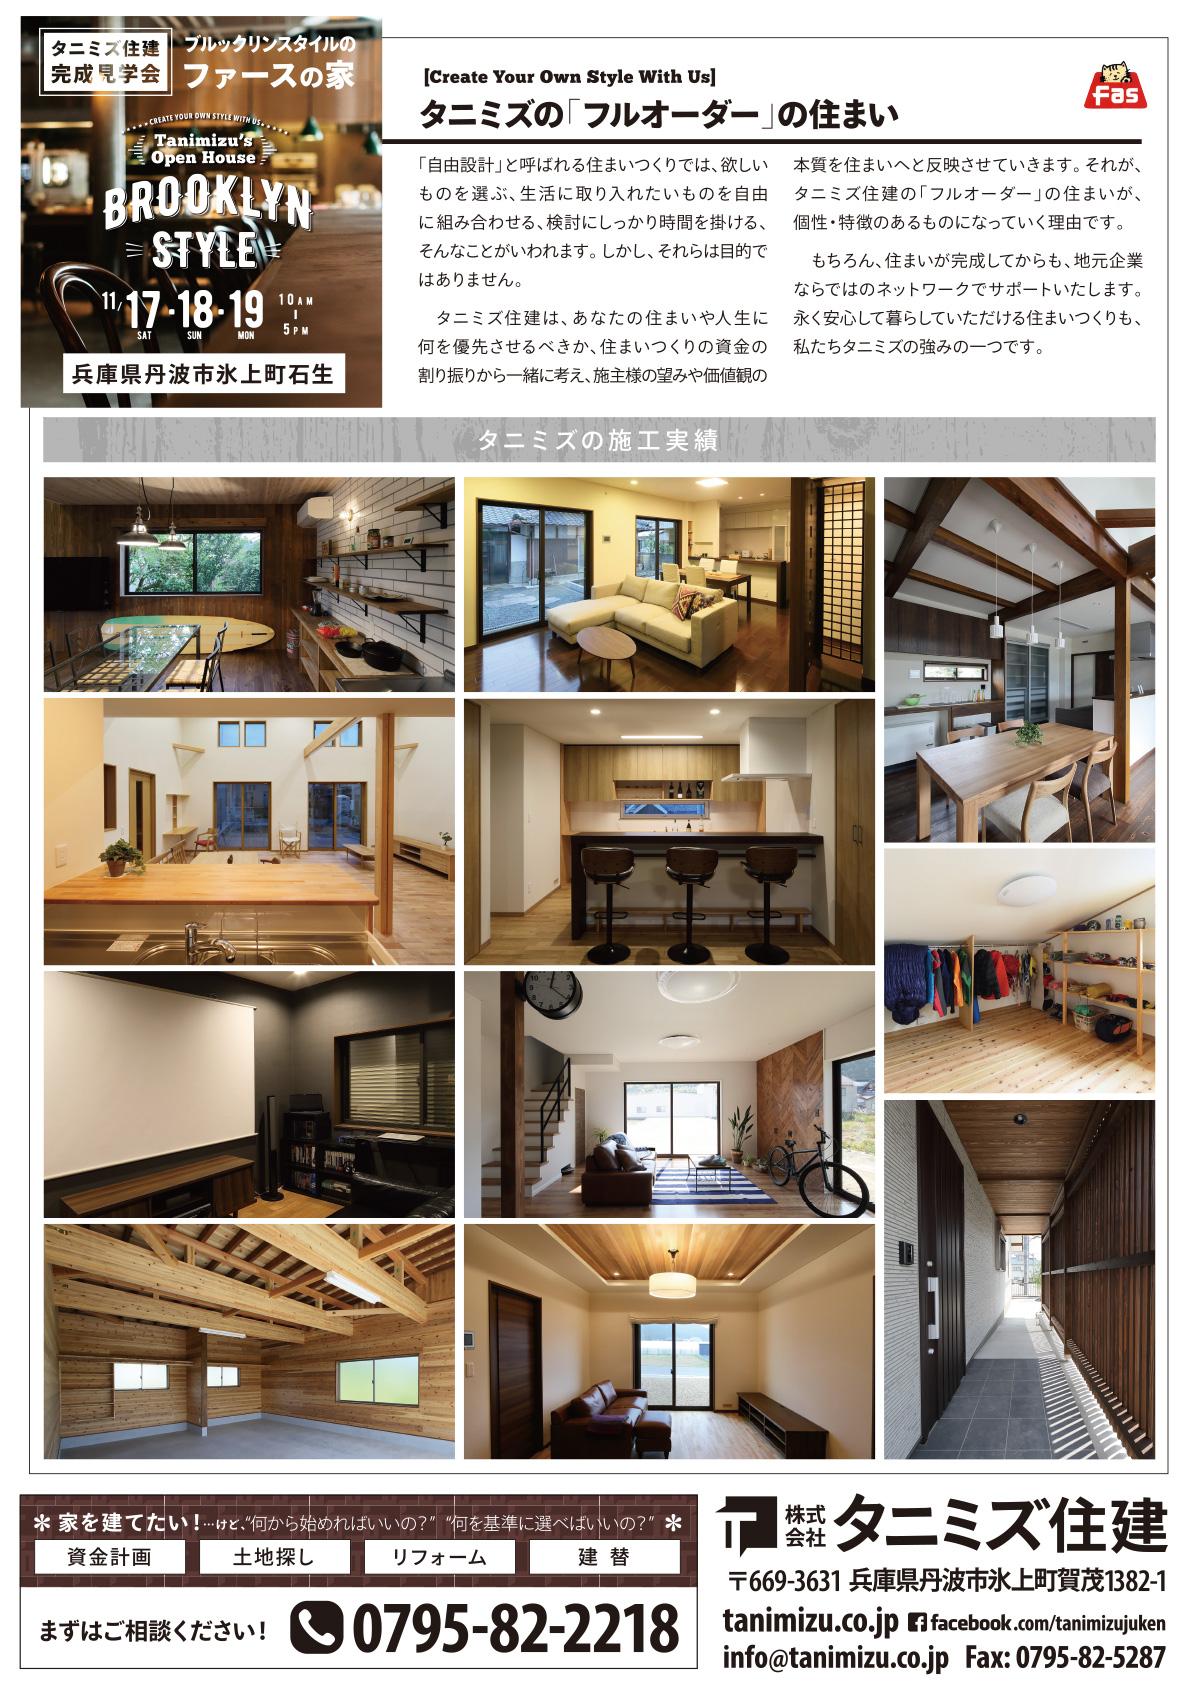 tanimizu-flyer-vertical-2018-11-16-ura.jpg